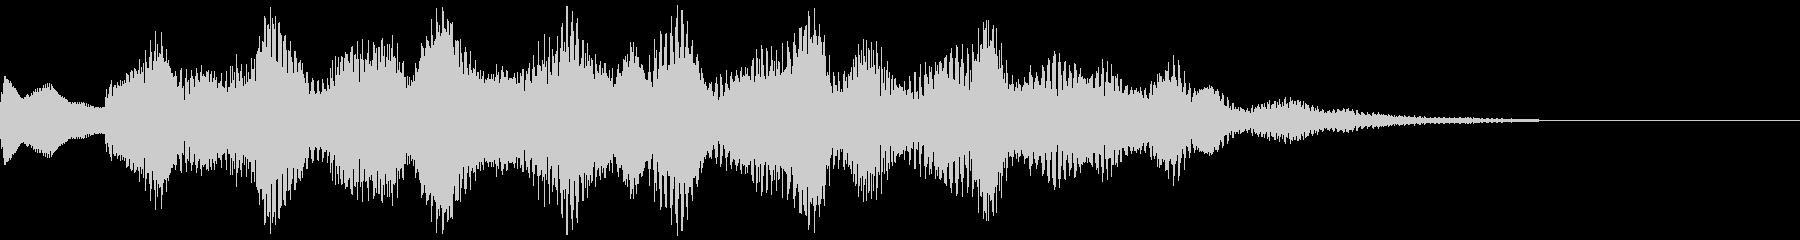 クールな印象のSEの未再生の波形